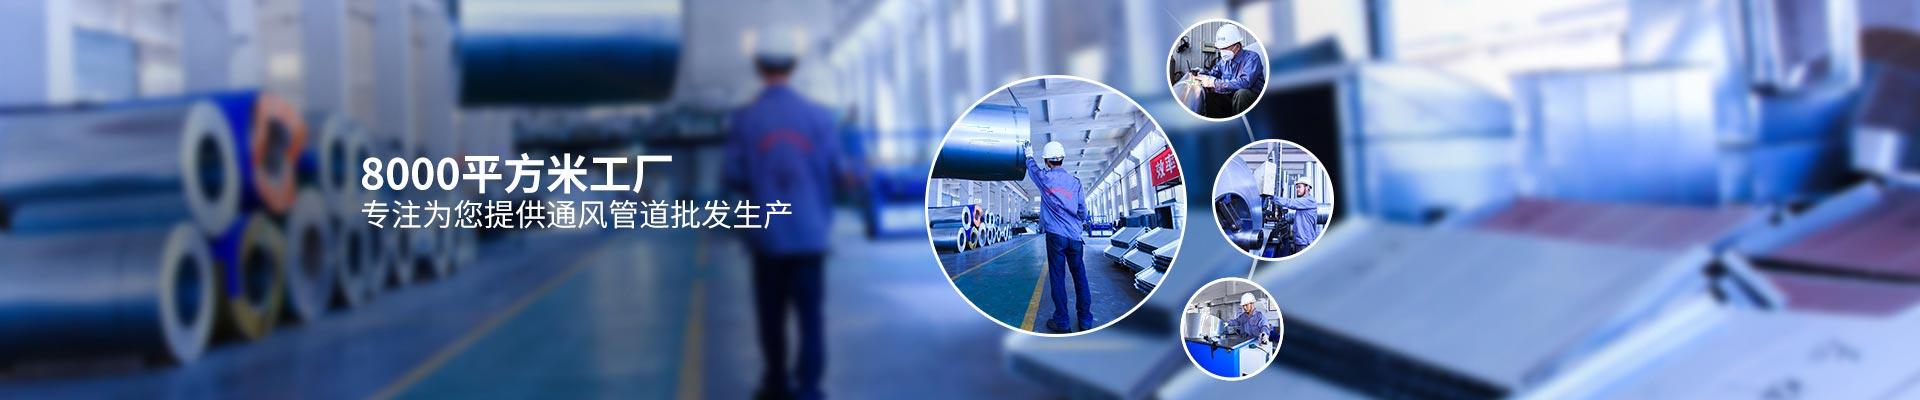 一管通-8000平方米工厂,专注为您提供通风管道批发生产